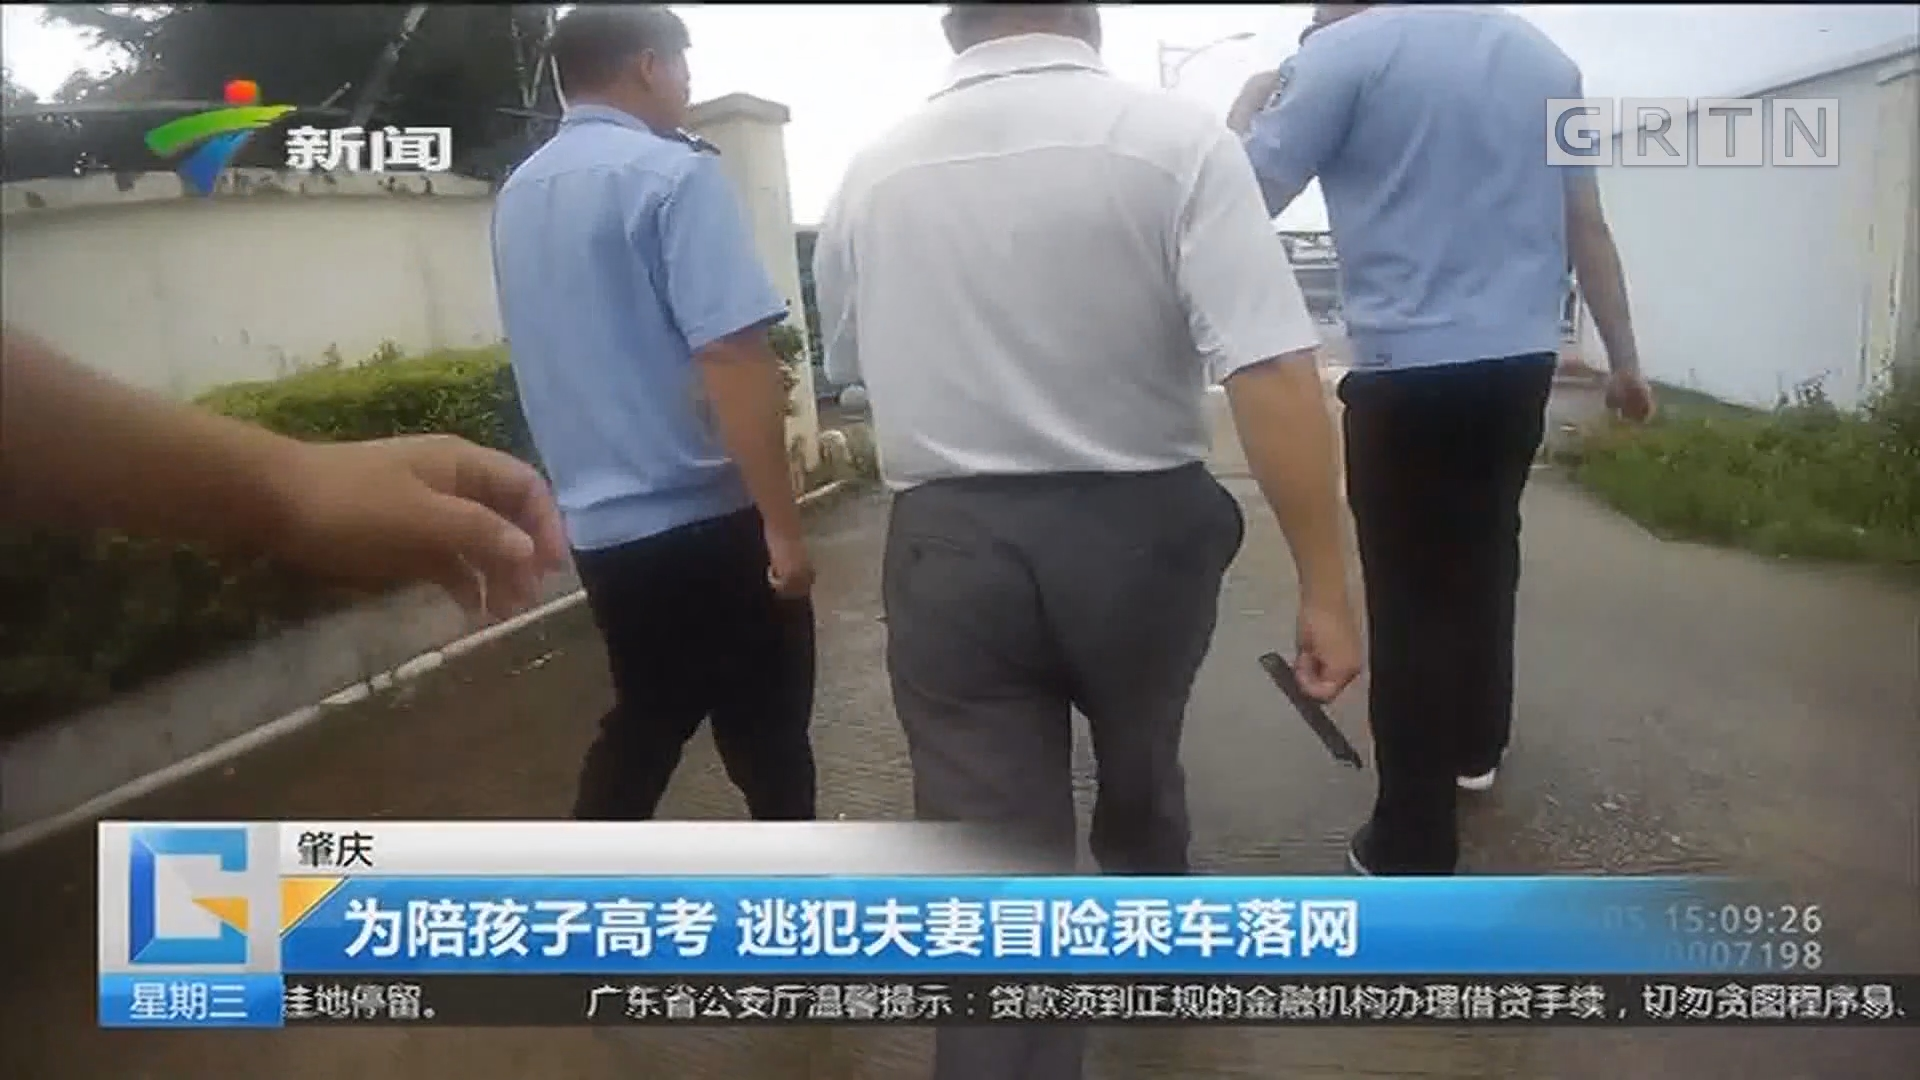 肇庆:为陪孩子高考 逃犯夫妻冒险乘车落网